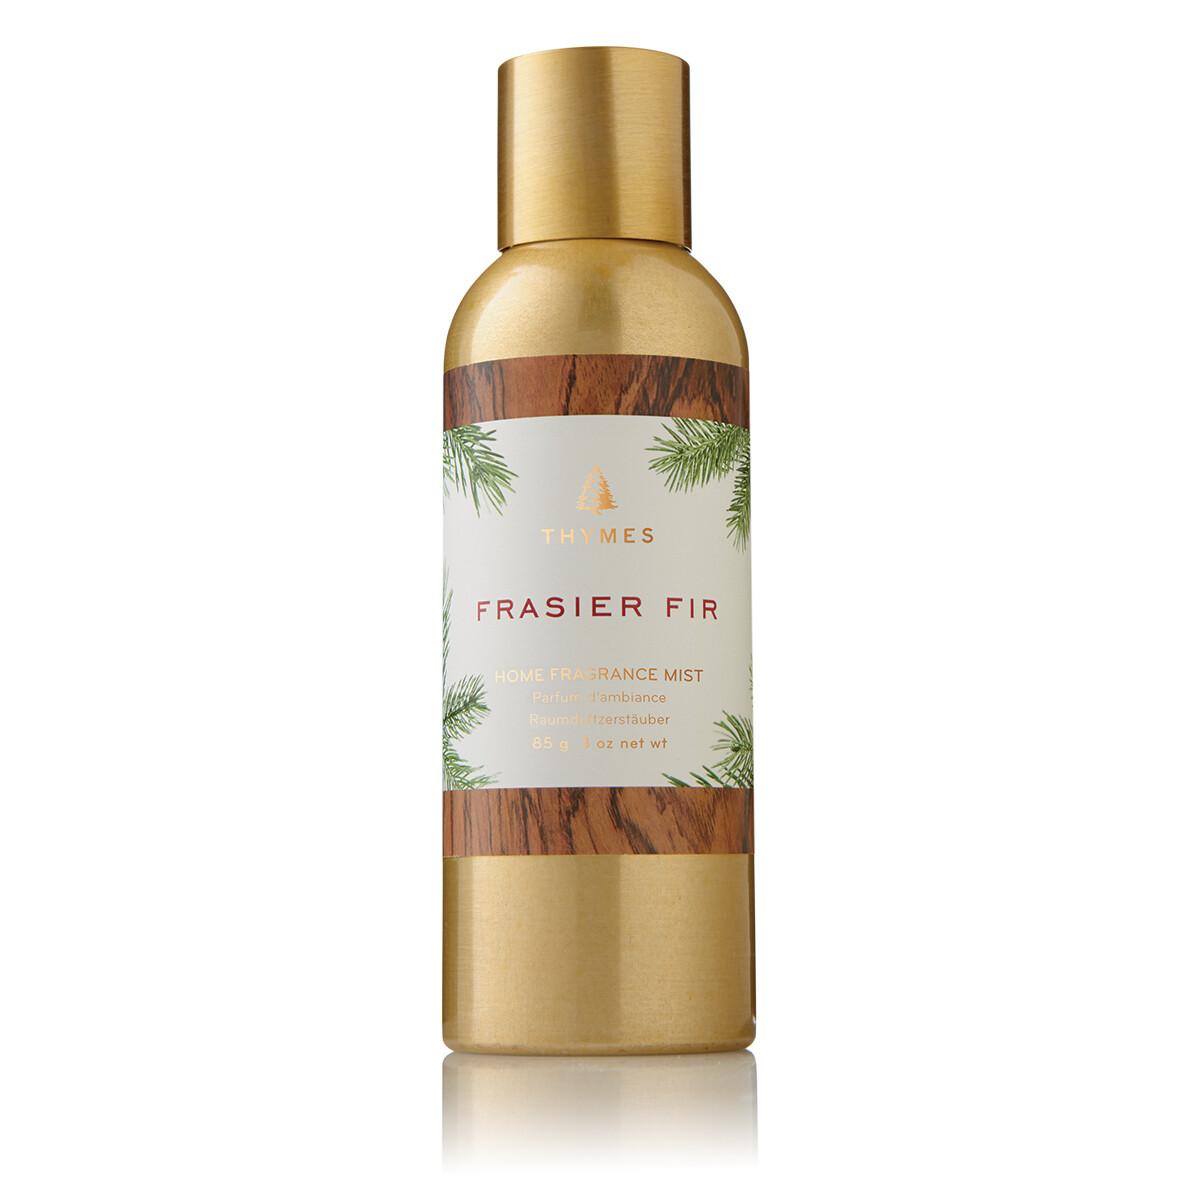 Frasier Fir Fragrance Mist